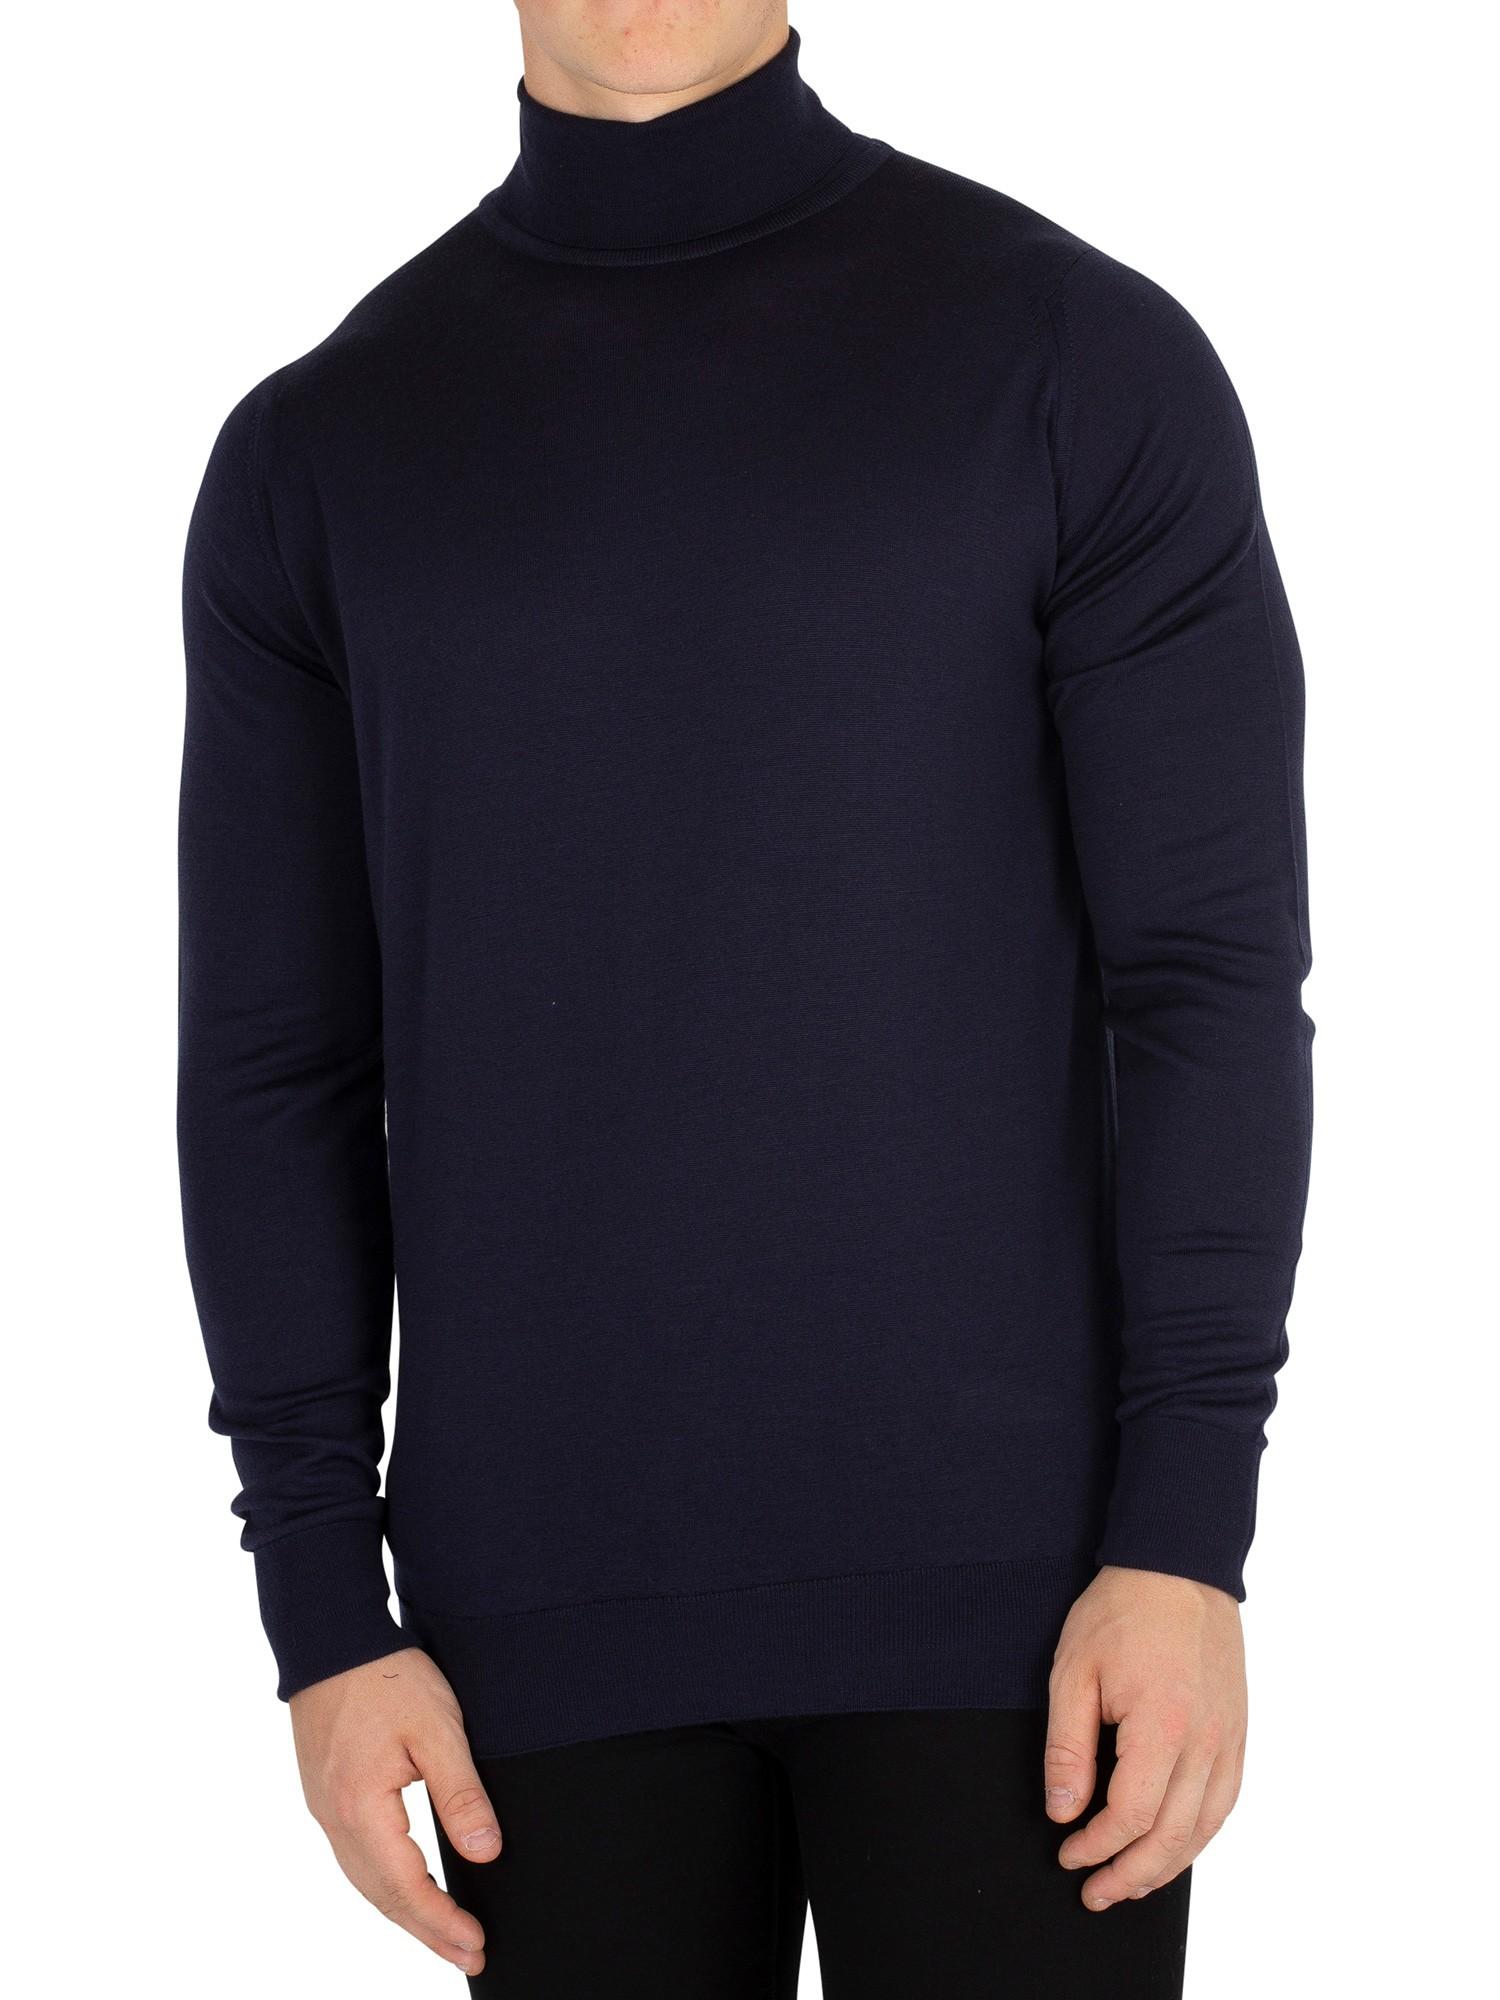 Grey John Smedley Men/'s Richards Roll Neck Knit